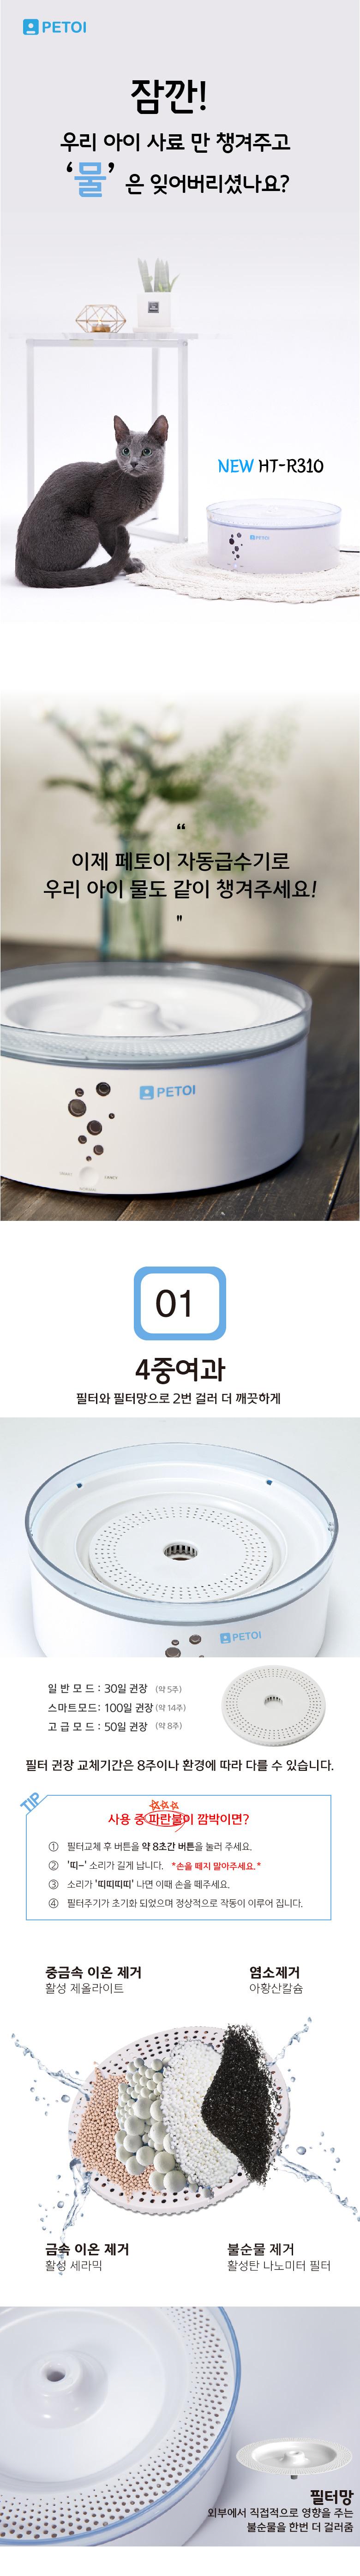 페토이 반려동물 자동급수기 HT-R310 - 스토어봄, 53,000원, 급수/급식기, 정수기/필터